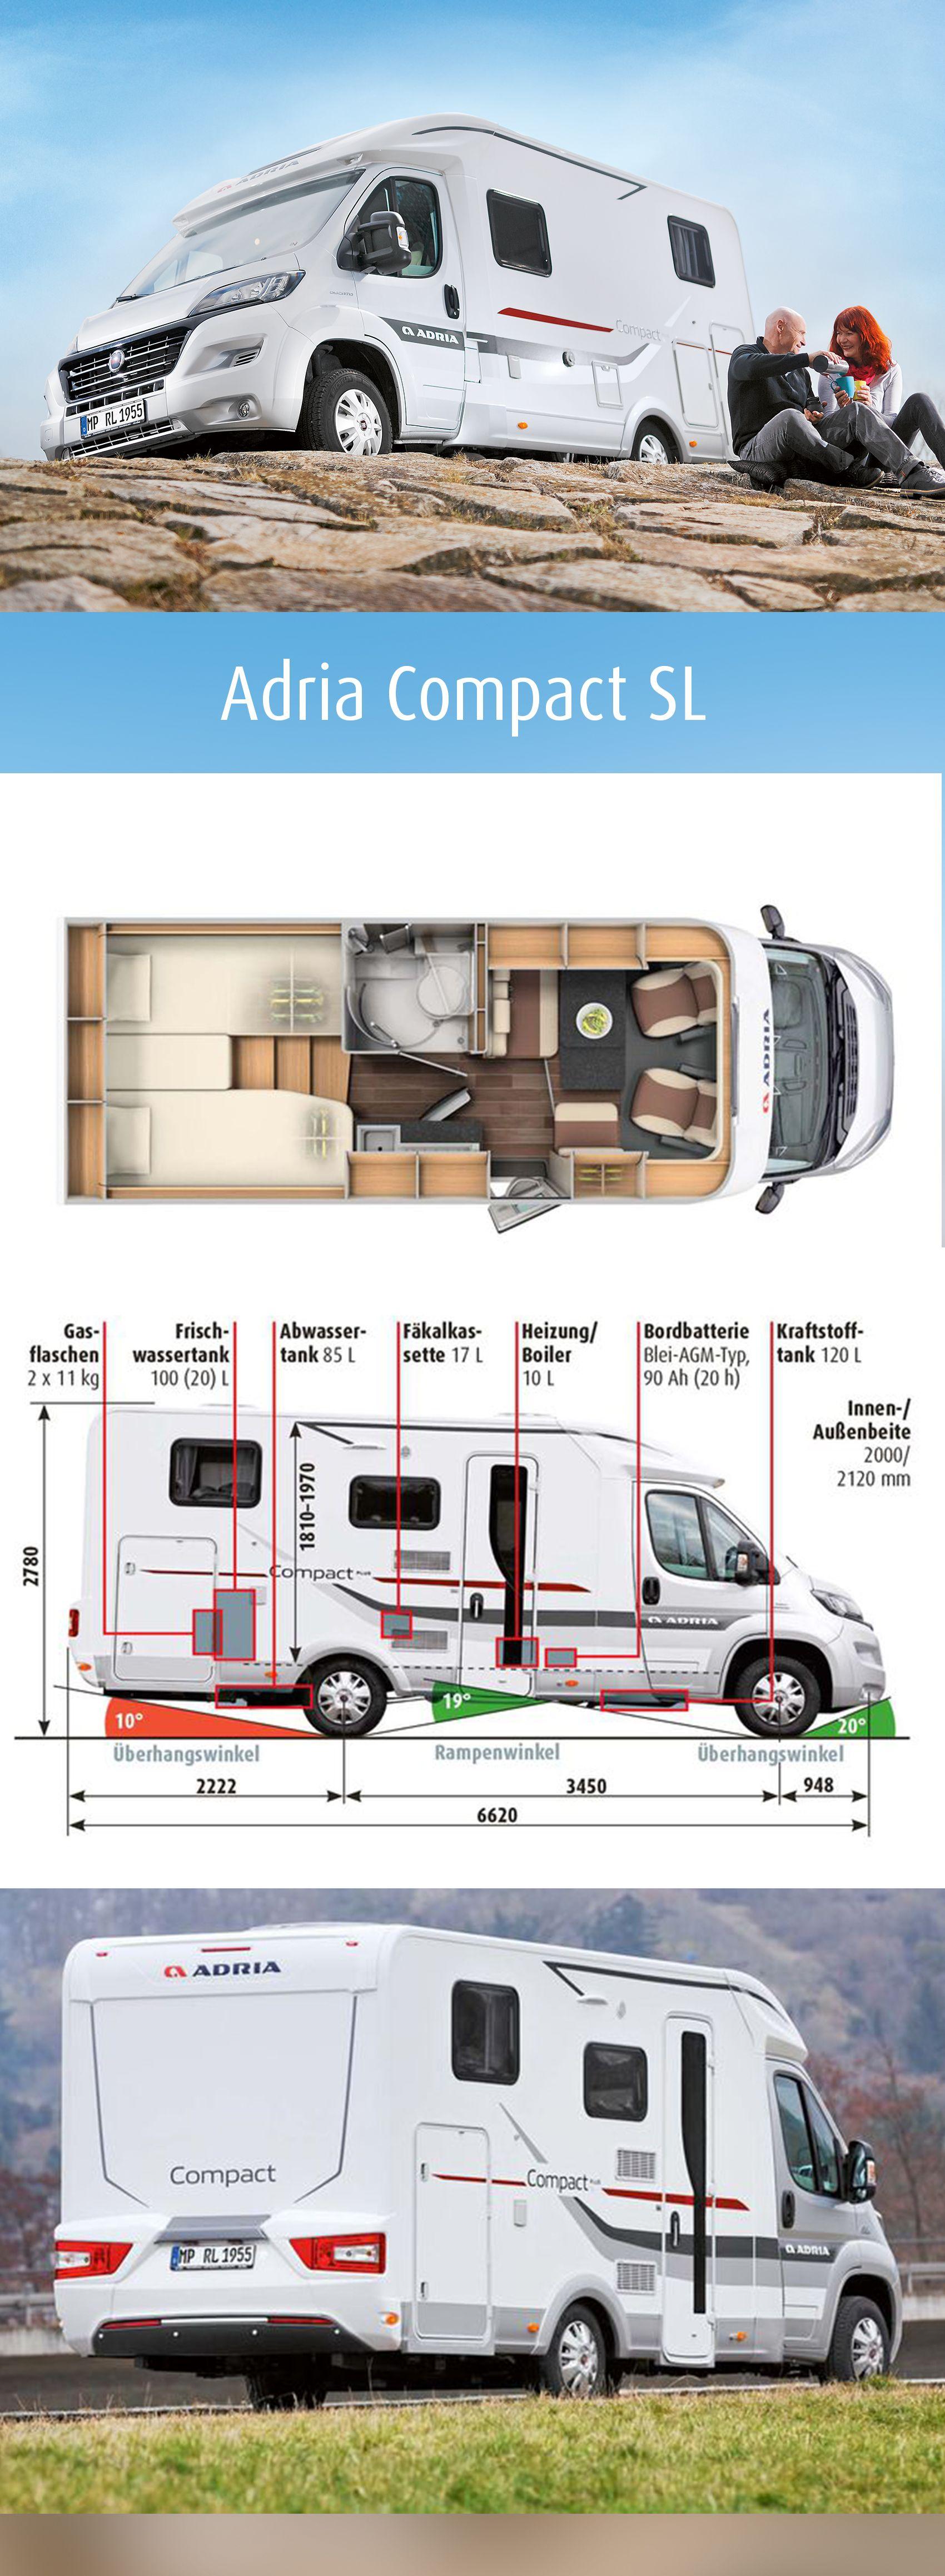 Adria Compact Sl Im Supercheck Camper Ideen Wohnmobil Grundrisse Und Kleines Wohnmobil